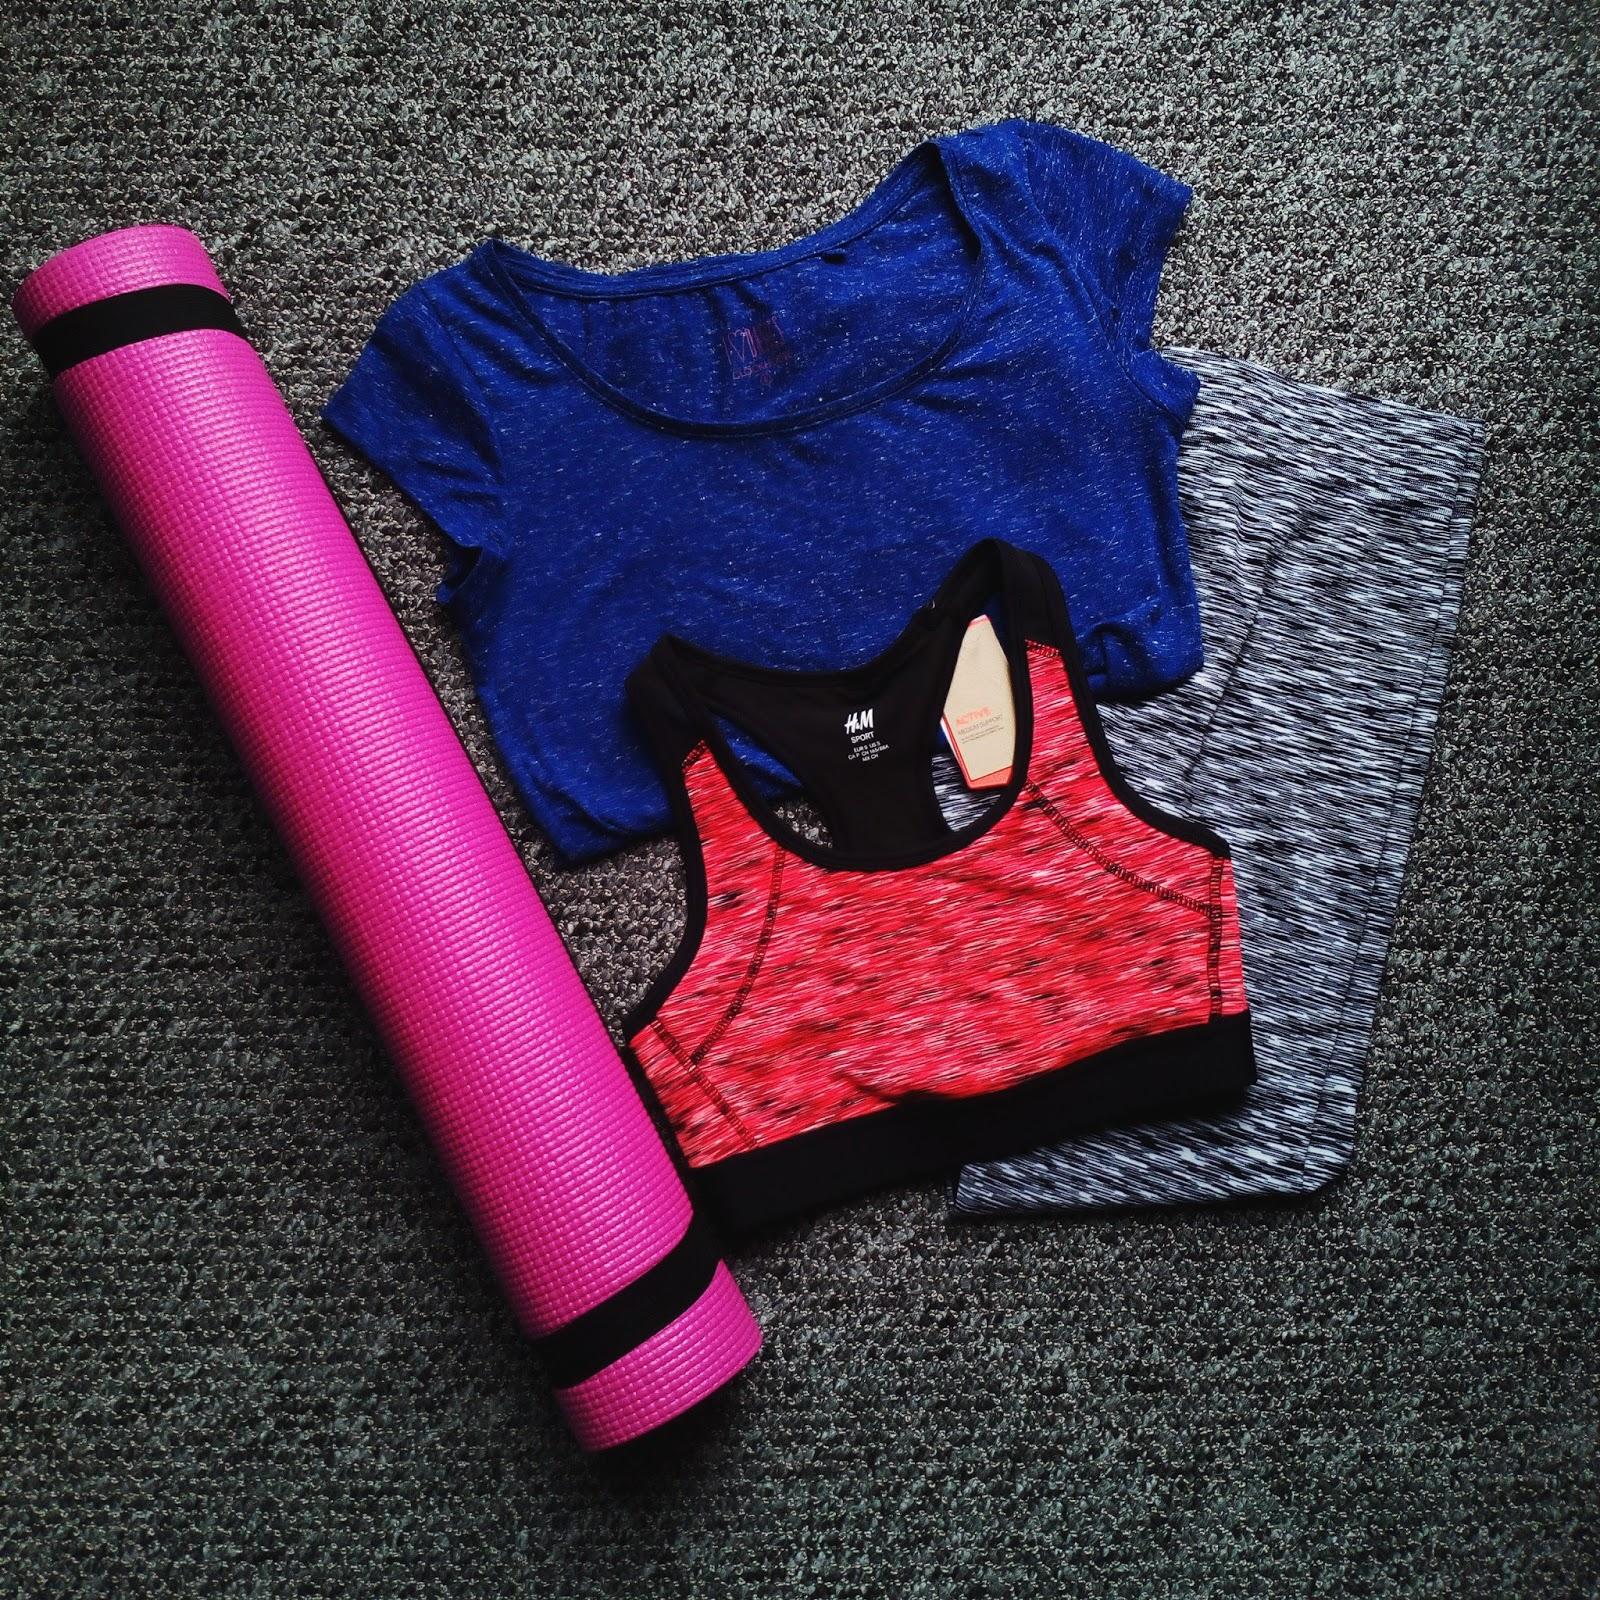 Oblečení a podložka na jógu